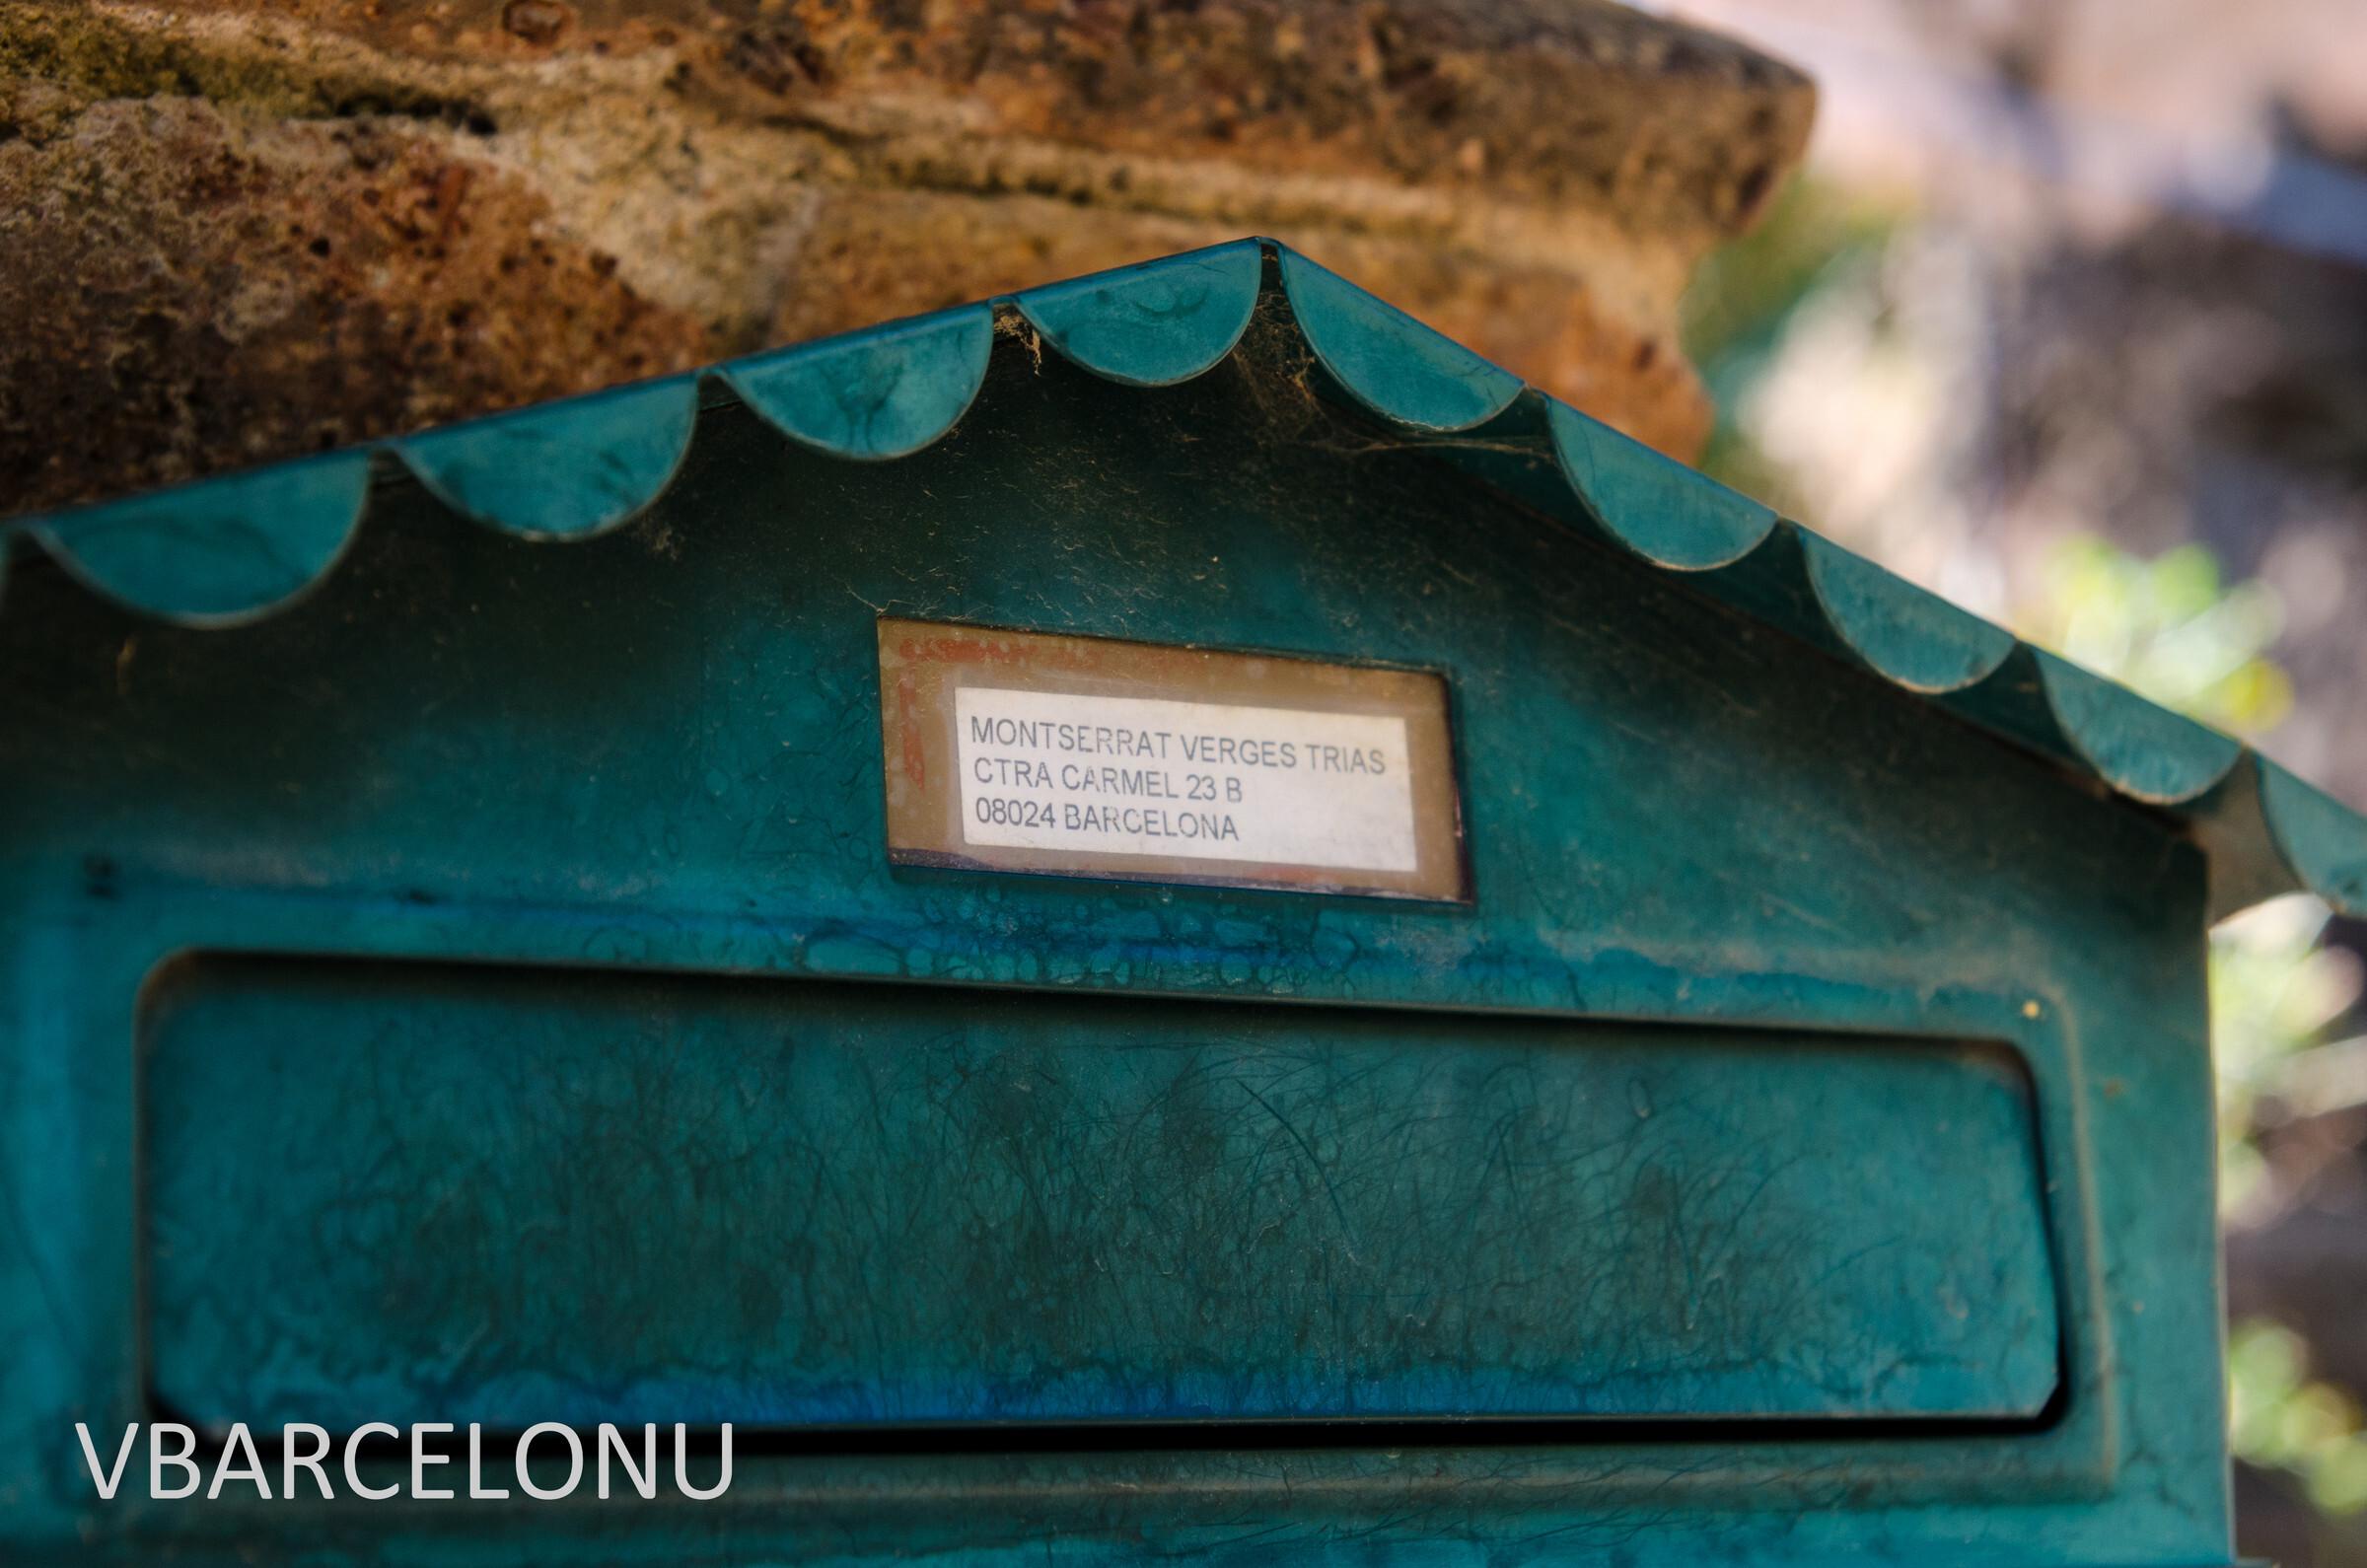 Дом Триаса. Почтовый ящик с адресом, Барселона. Парк Гуэль